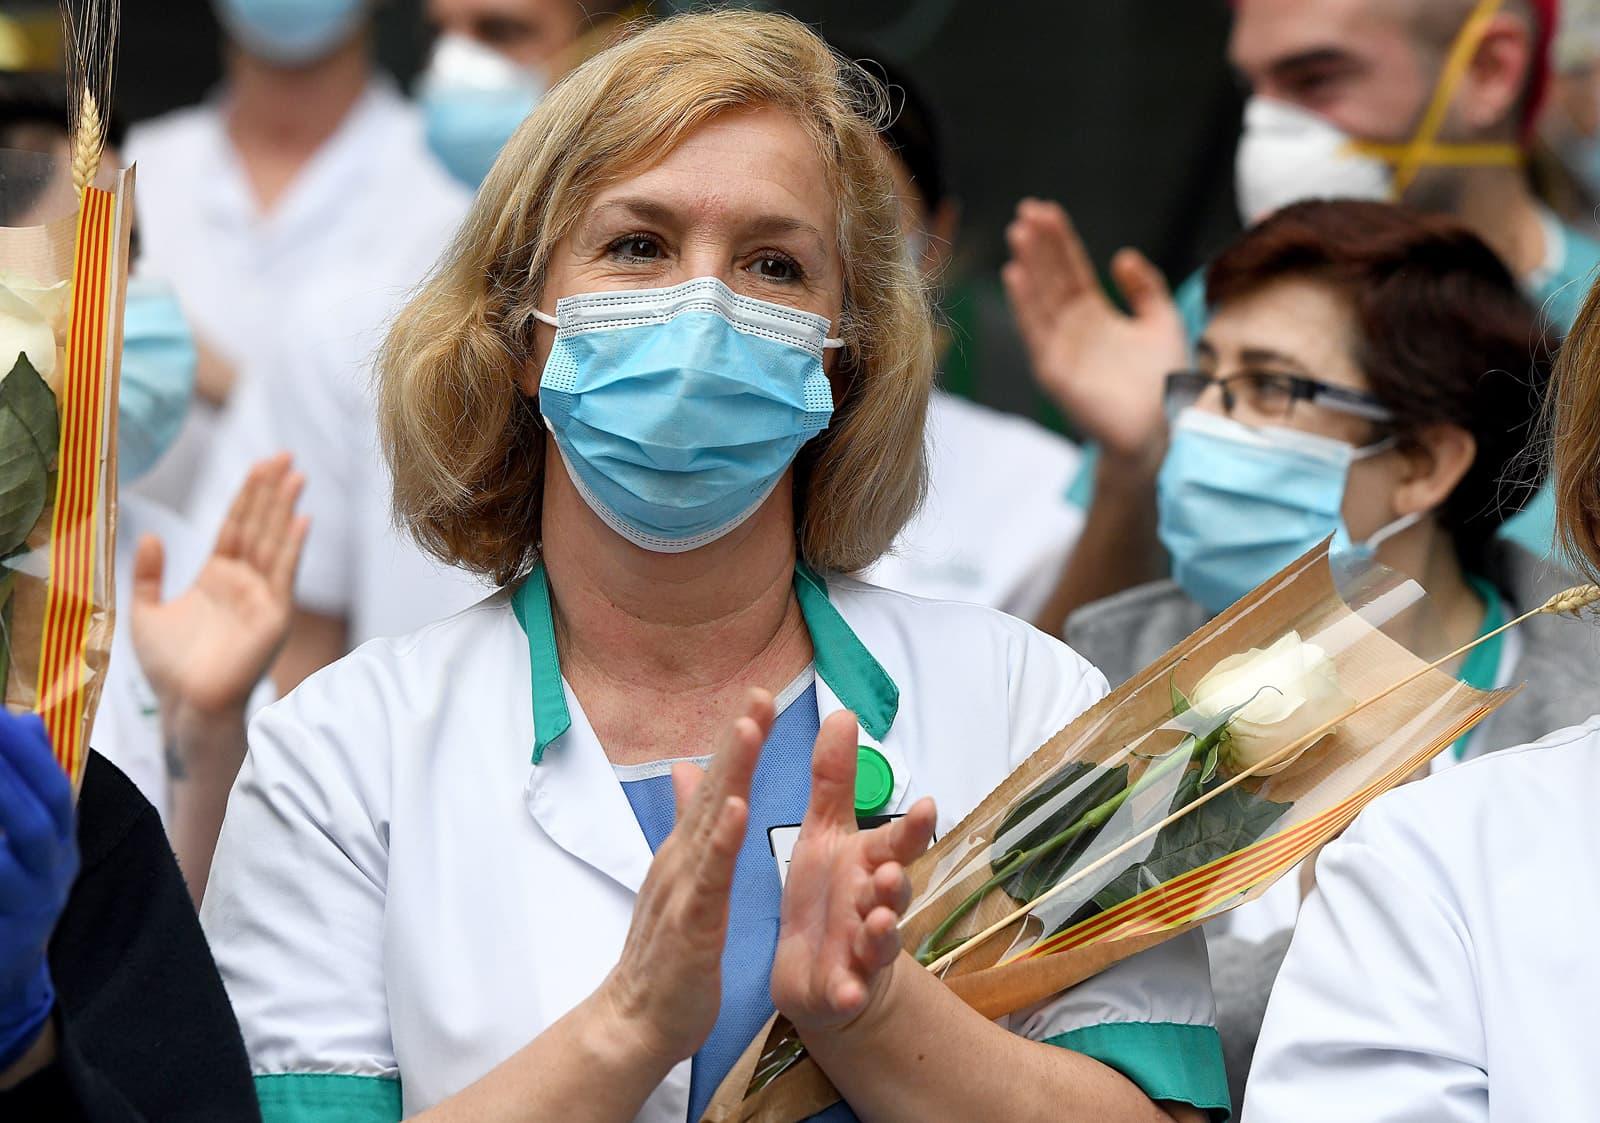 Els treballadors de l'Hospital Clínic van rebre, ahir a les vuit, roses del col·lectiu #capdonasenserosa com a homenatge per la seva feina contra el coronavirus. Fotografies de Xavier Jubierre